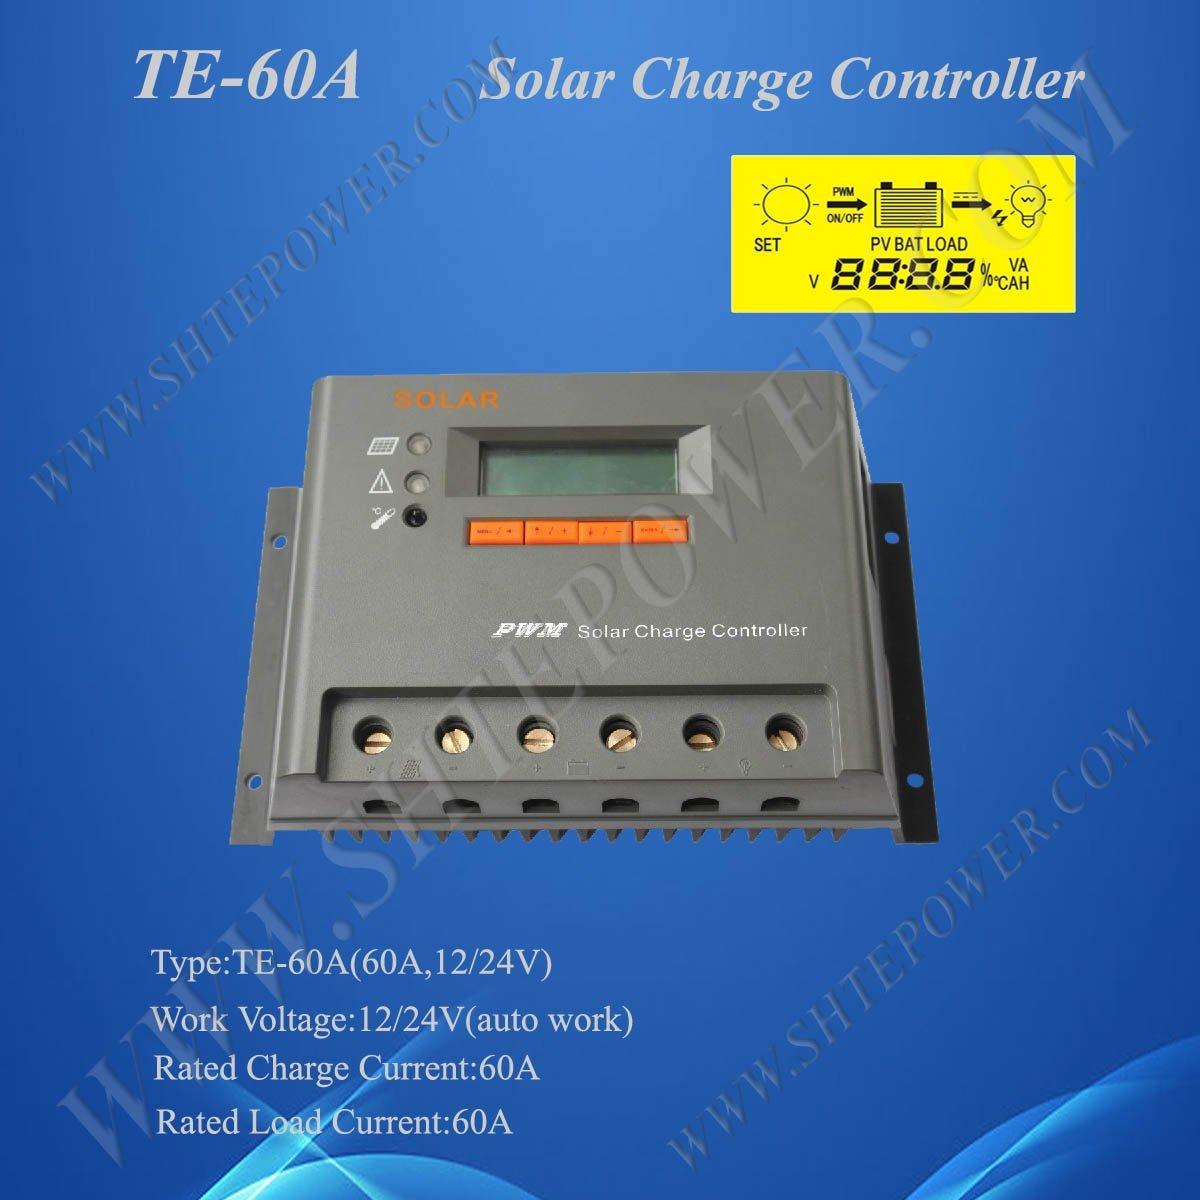 Блок управления установкой на солнечной батарее/Солнечный контроллер заряда для фотоэлектрических систем и 12 V/24 V автоматическая работа 60A внесетевой Системы контроллер